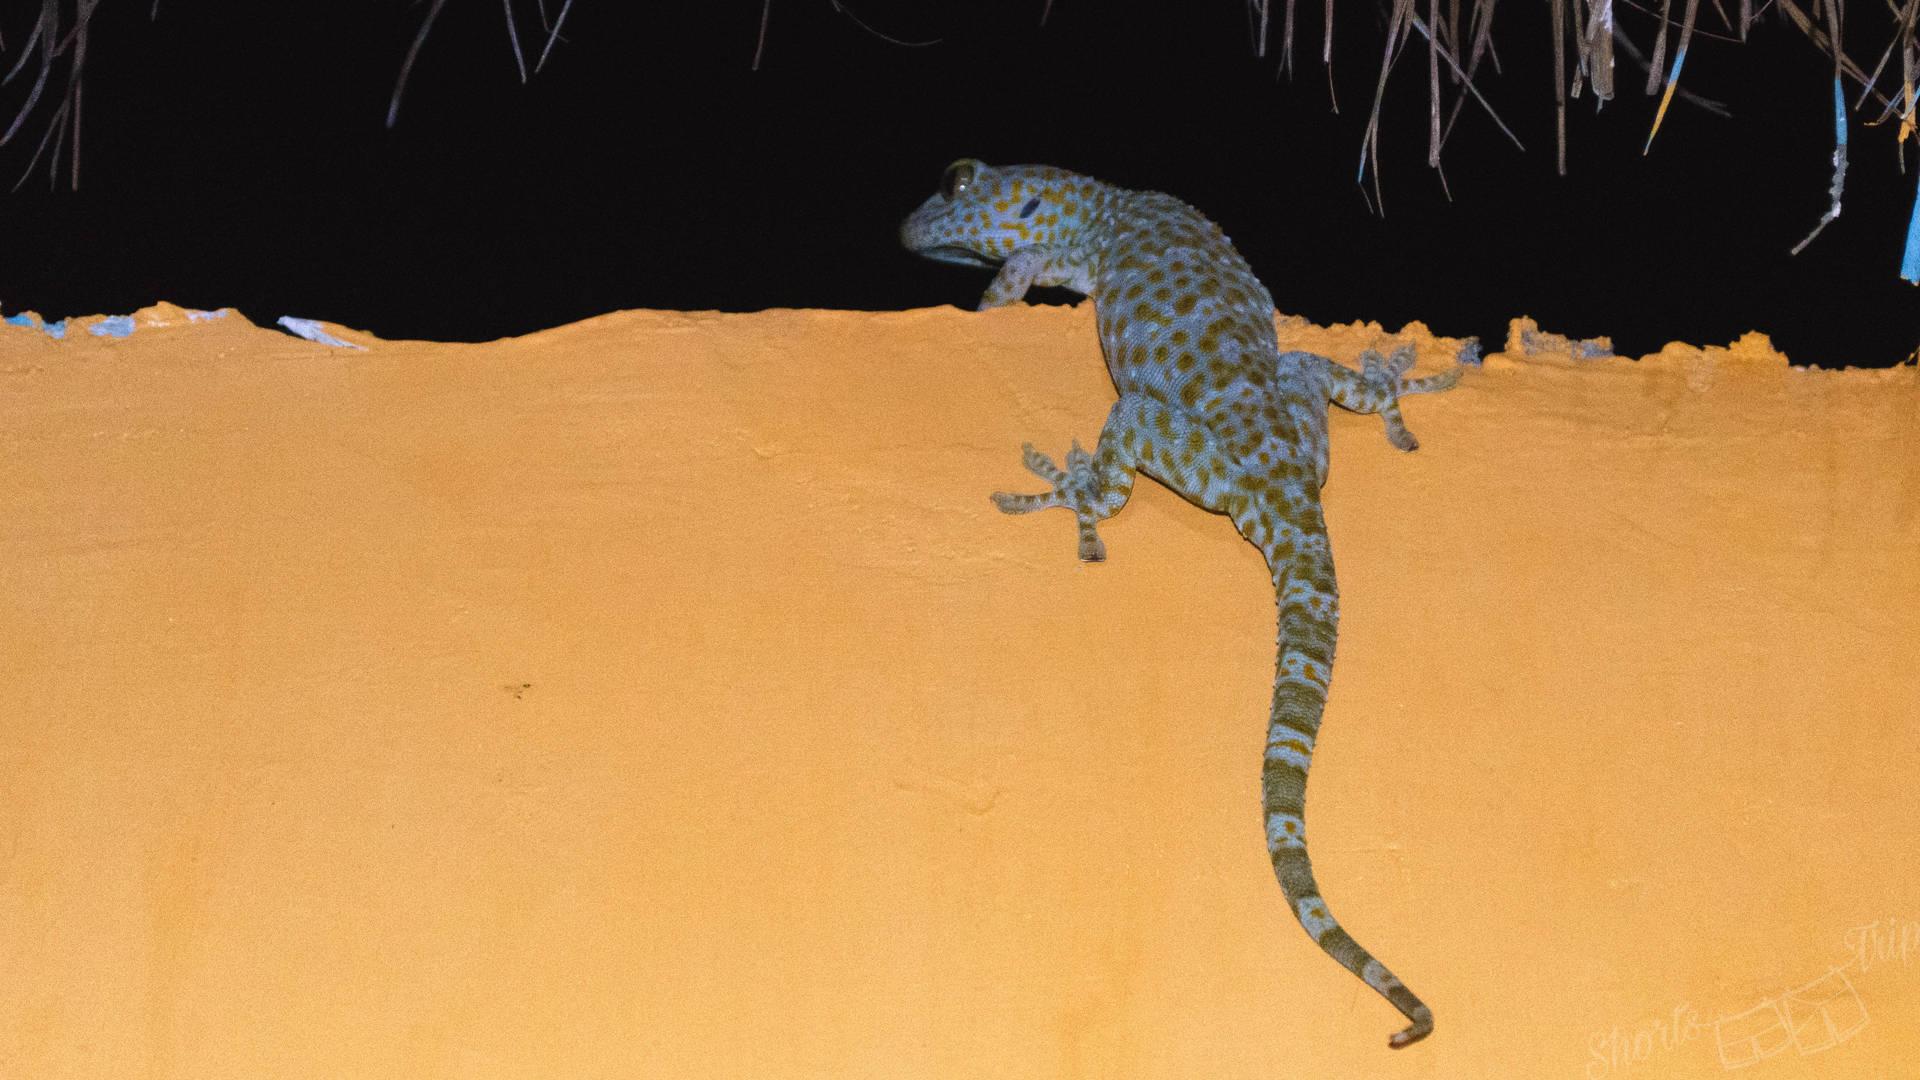 big blue gecko, gecko gili meno, biting gecko